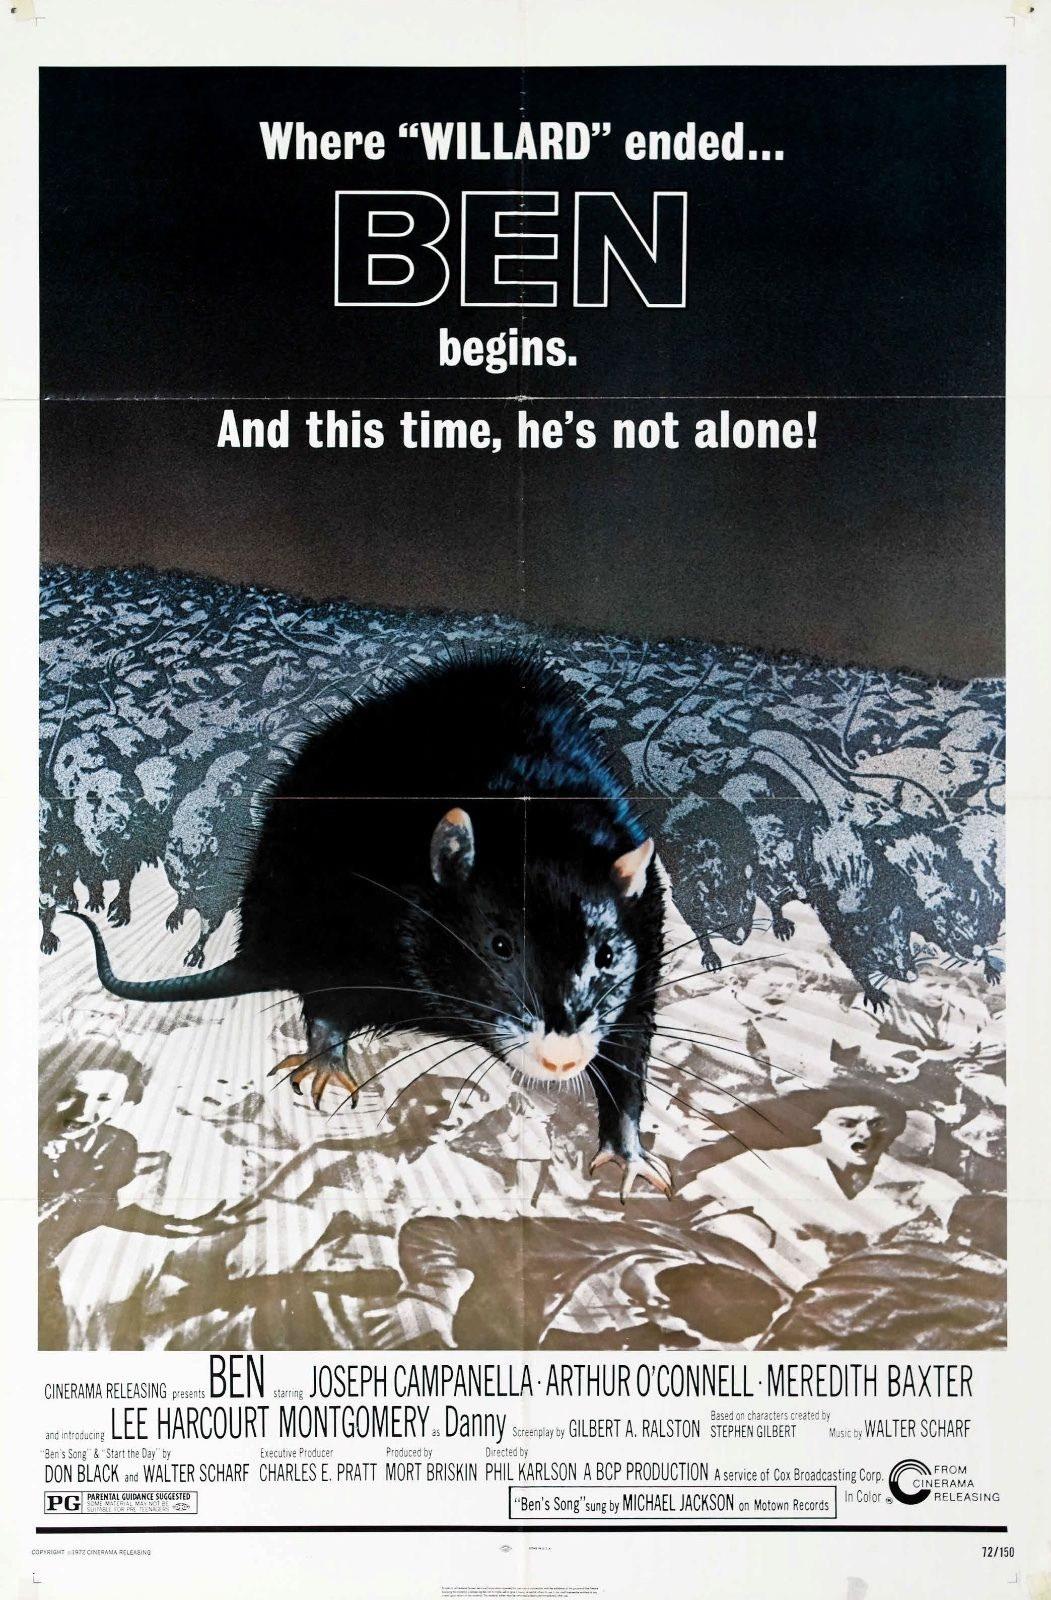 73922 Ben Movie 1972 Thriller Horror Wall Print Poster Affiche